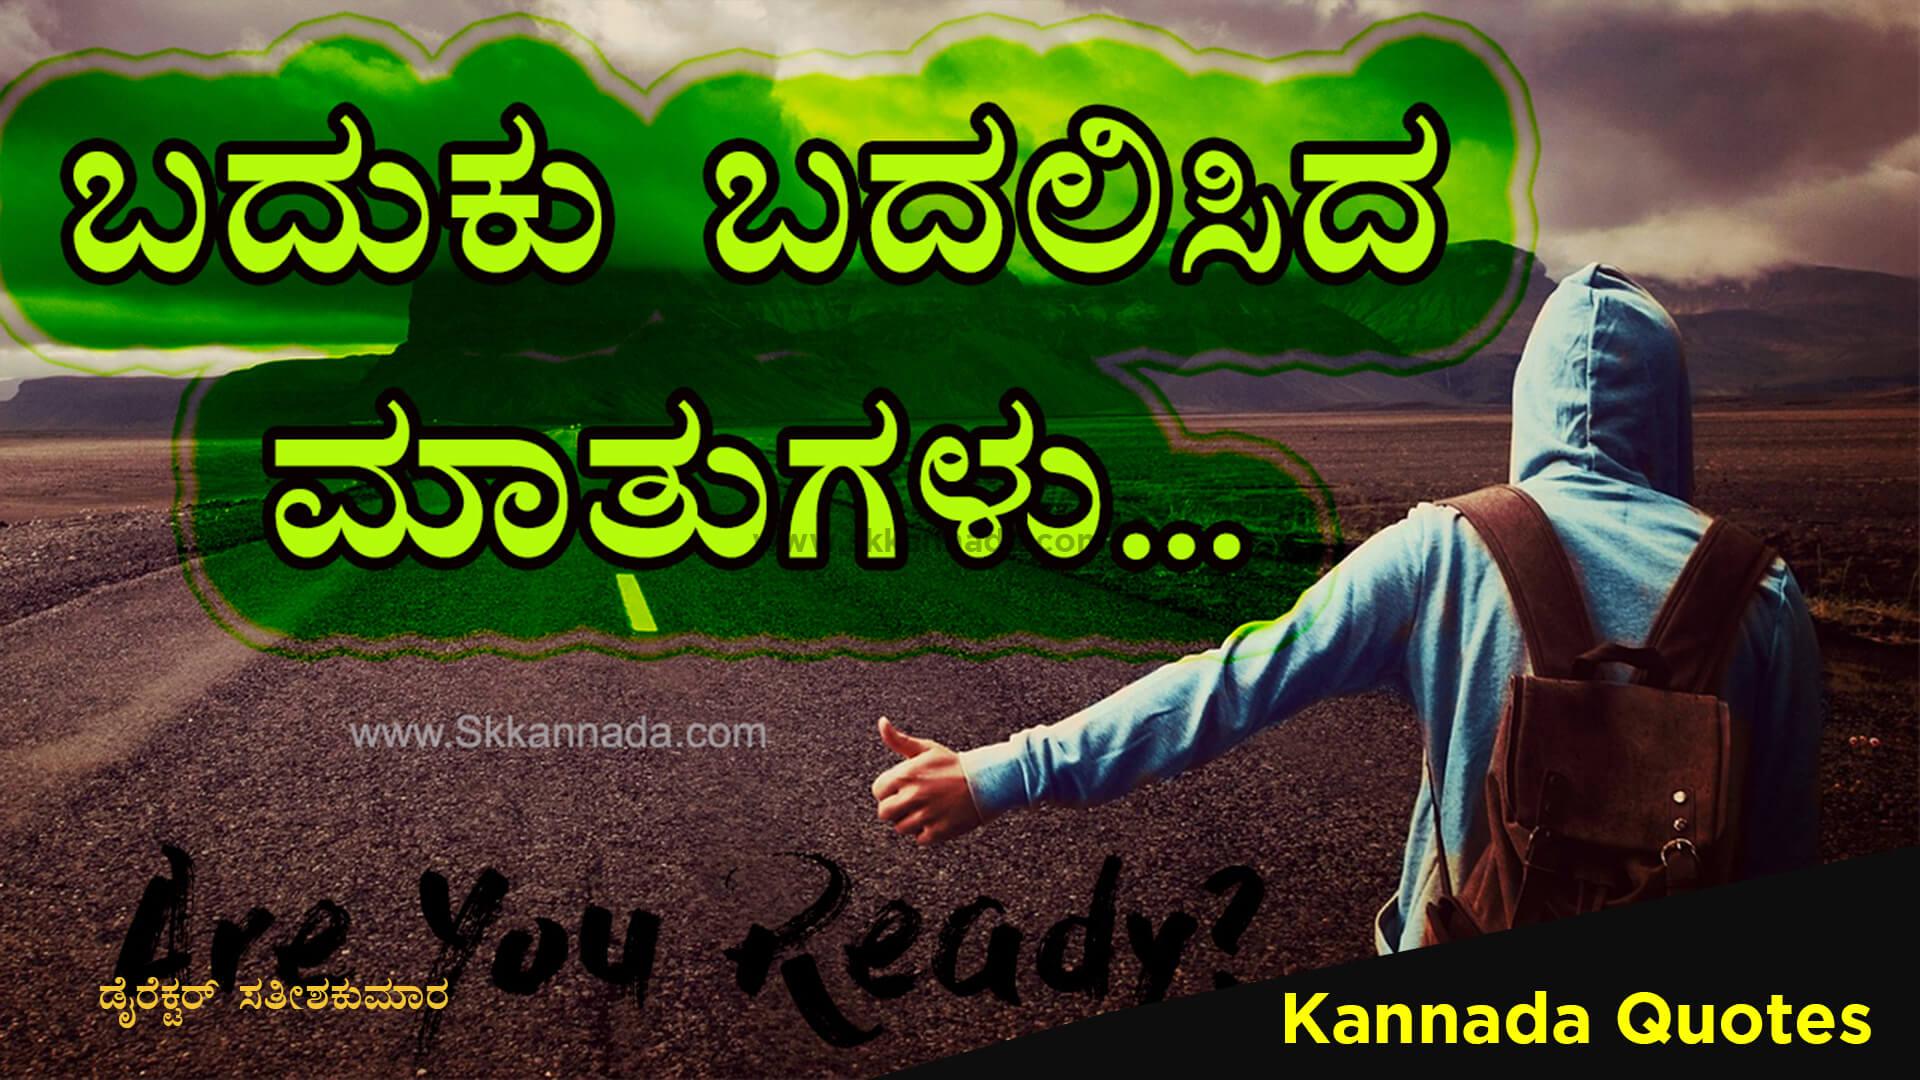 ಬದುಕು ಬದಲಿಸಿದ ಮಾತುಗಳು, Quotes which changed my life in Kannada, kannada quotes